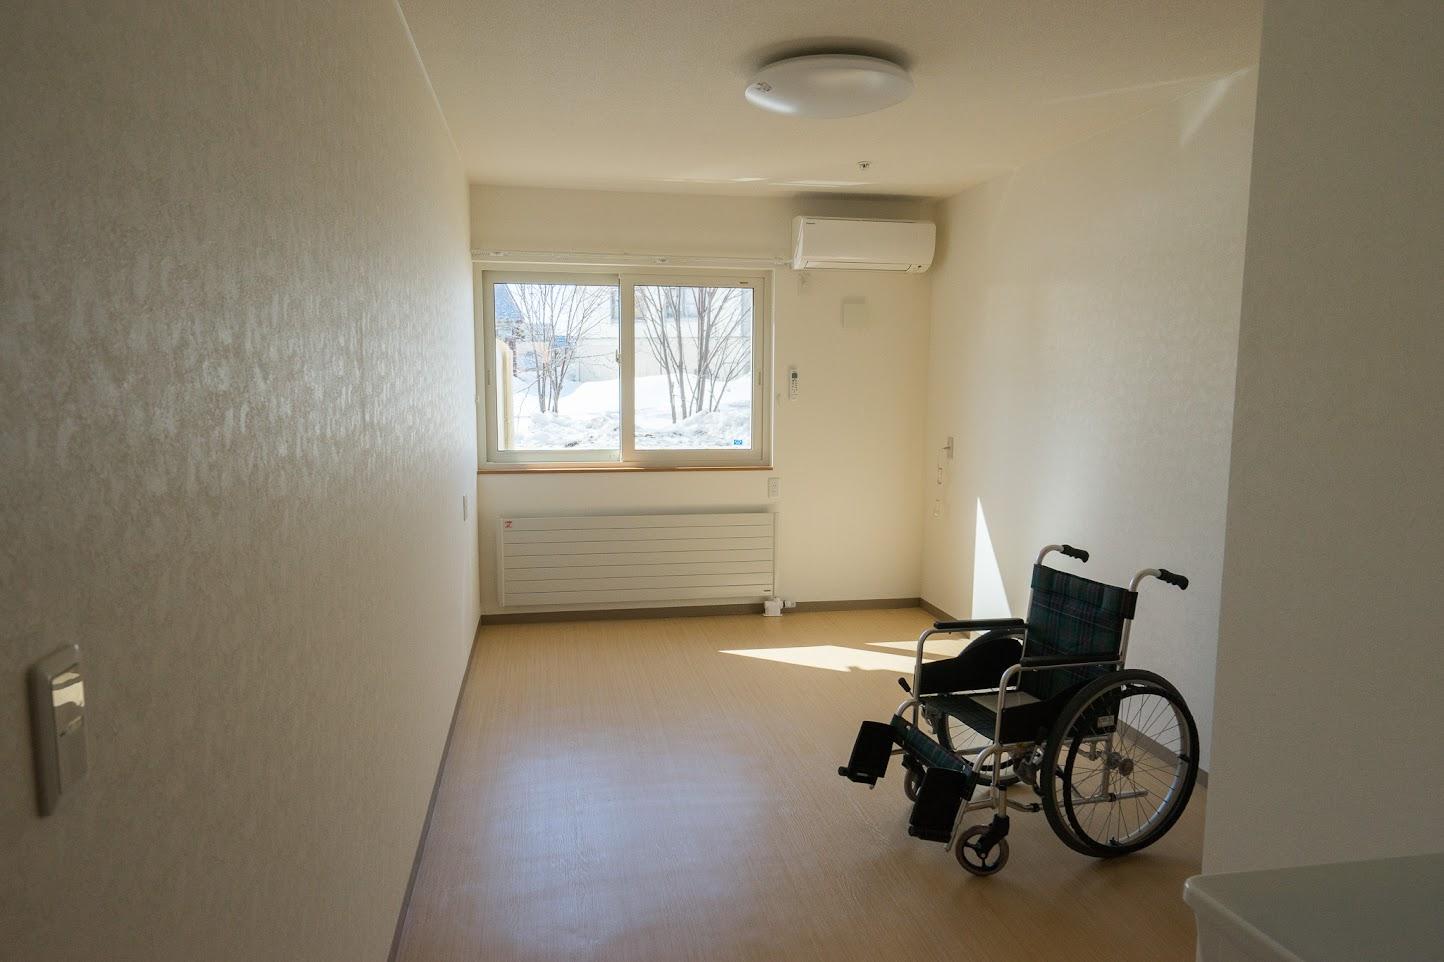 居室(12.48平方メートル)